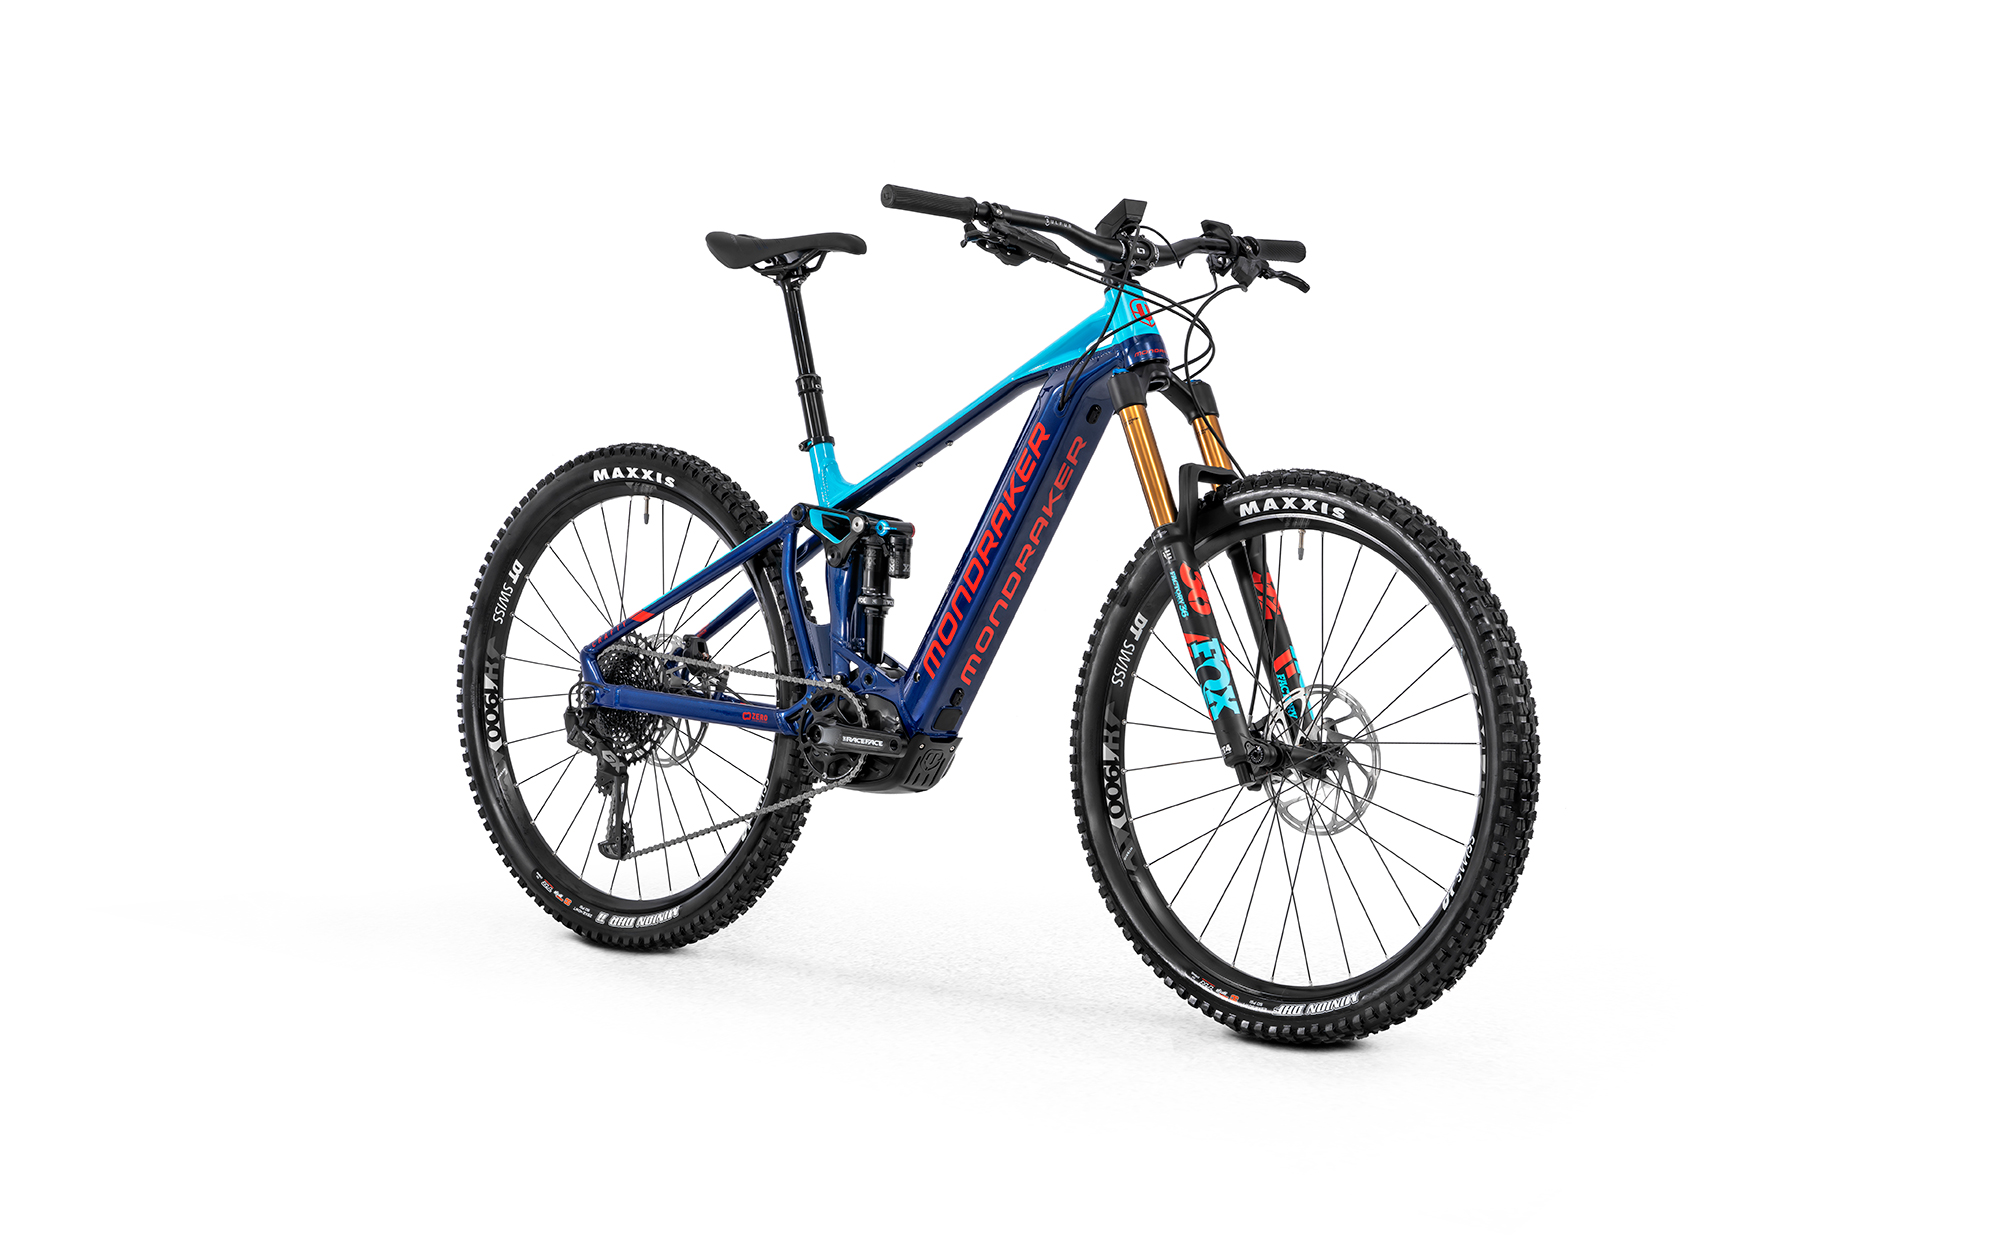 versione in alluminio della bici elettrica Crafty rr